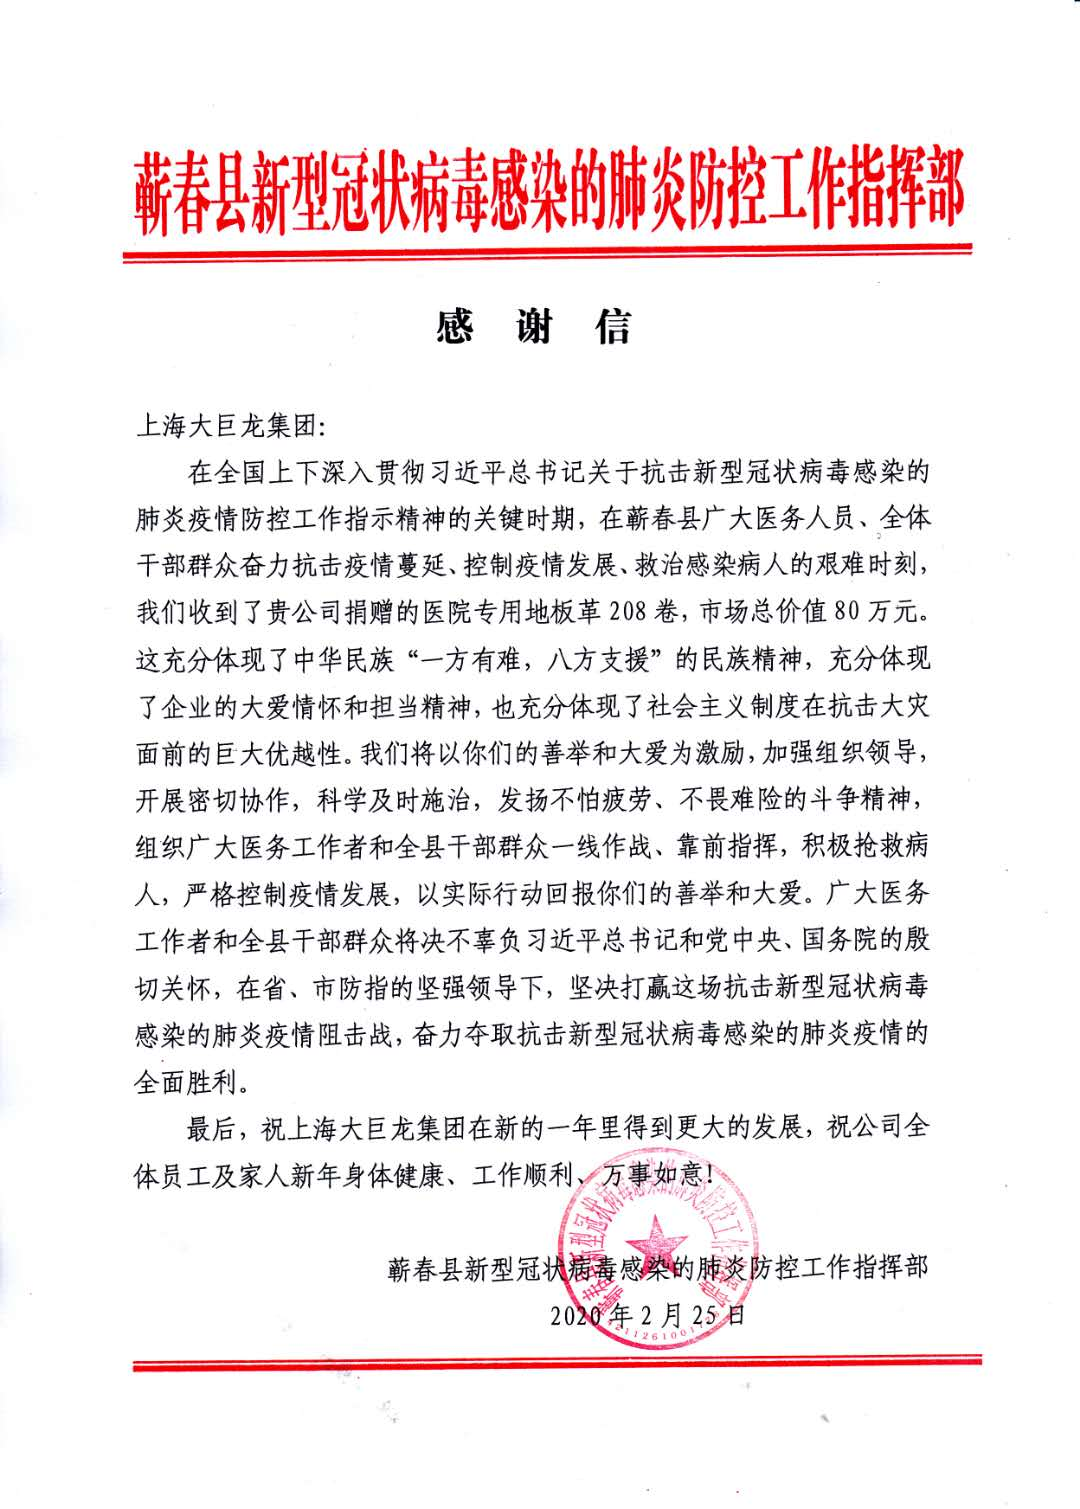 大巨龙地板收到蕲春县冠状病毒防控指挥部感谢信